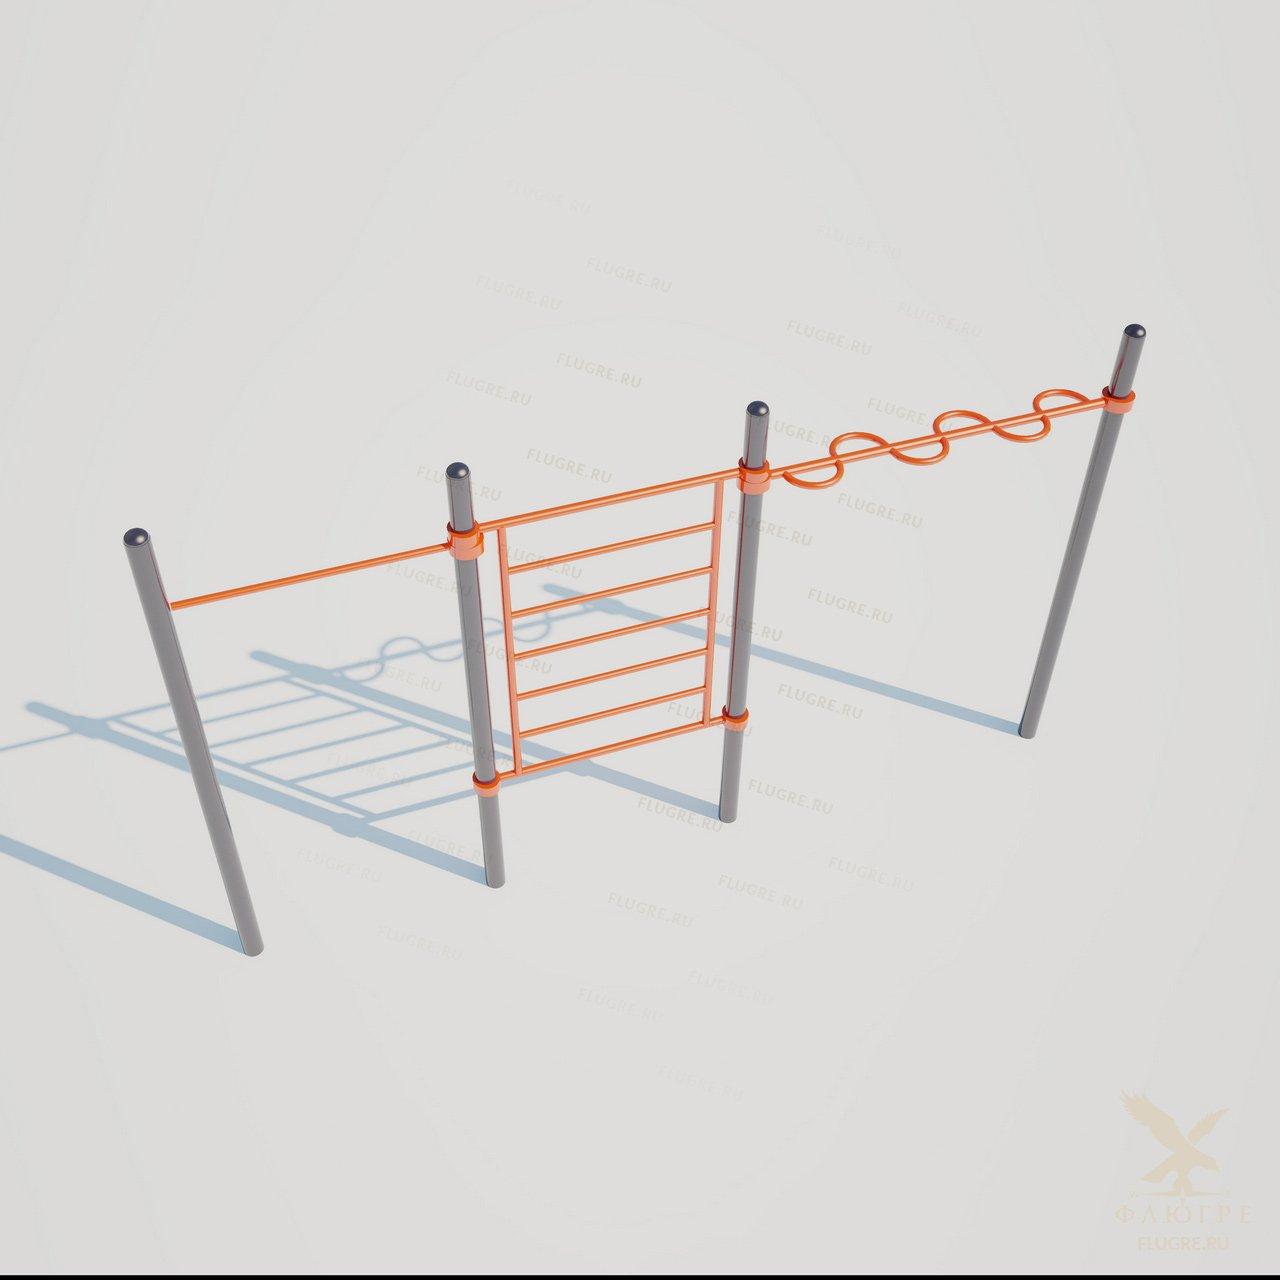 Секция из шведской лестницы, змейки и перекладины Workoutcity W-033